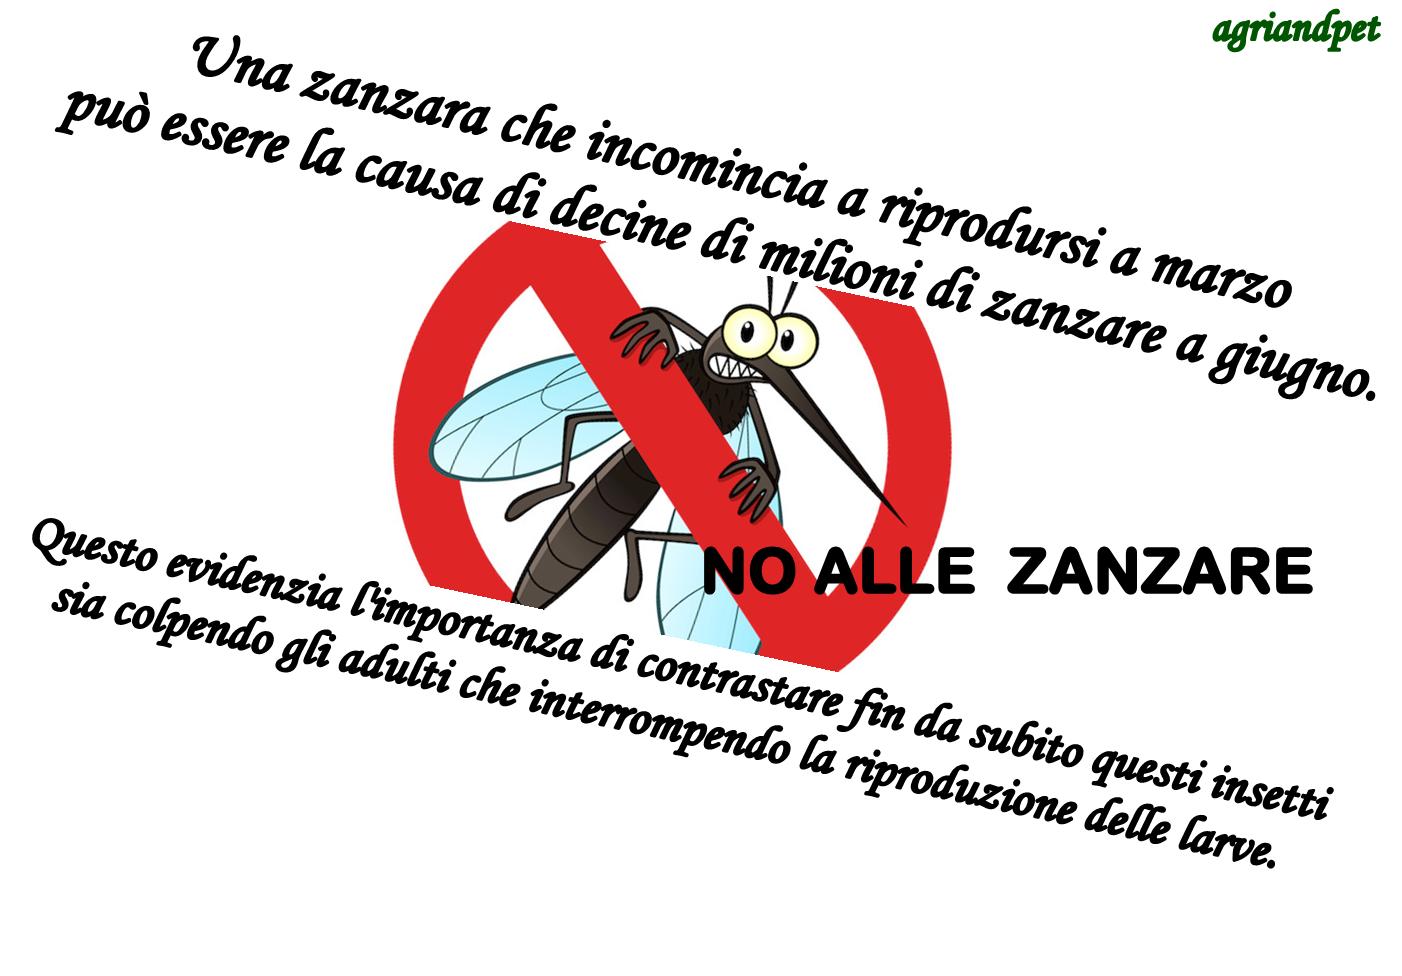 Quando iniziare la prevenzione contro le zanzare giardinaggio decorazioni e prodotti per il - Contro le zanzare in giardino ...